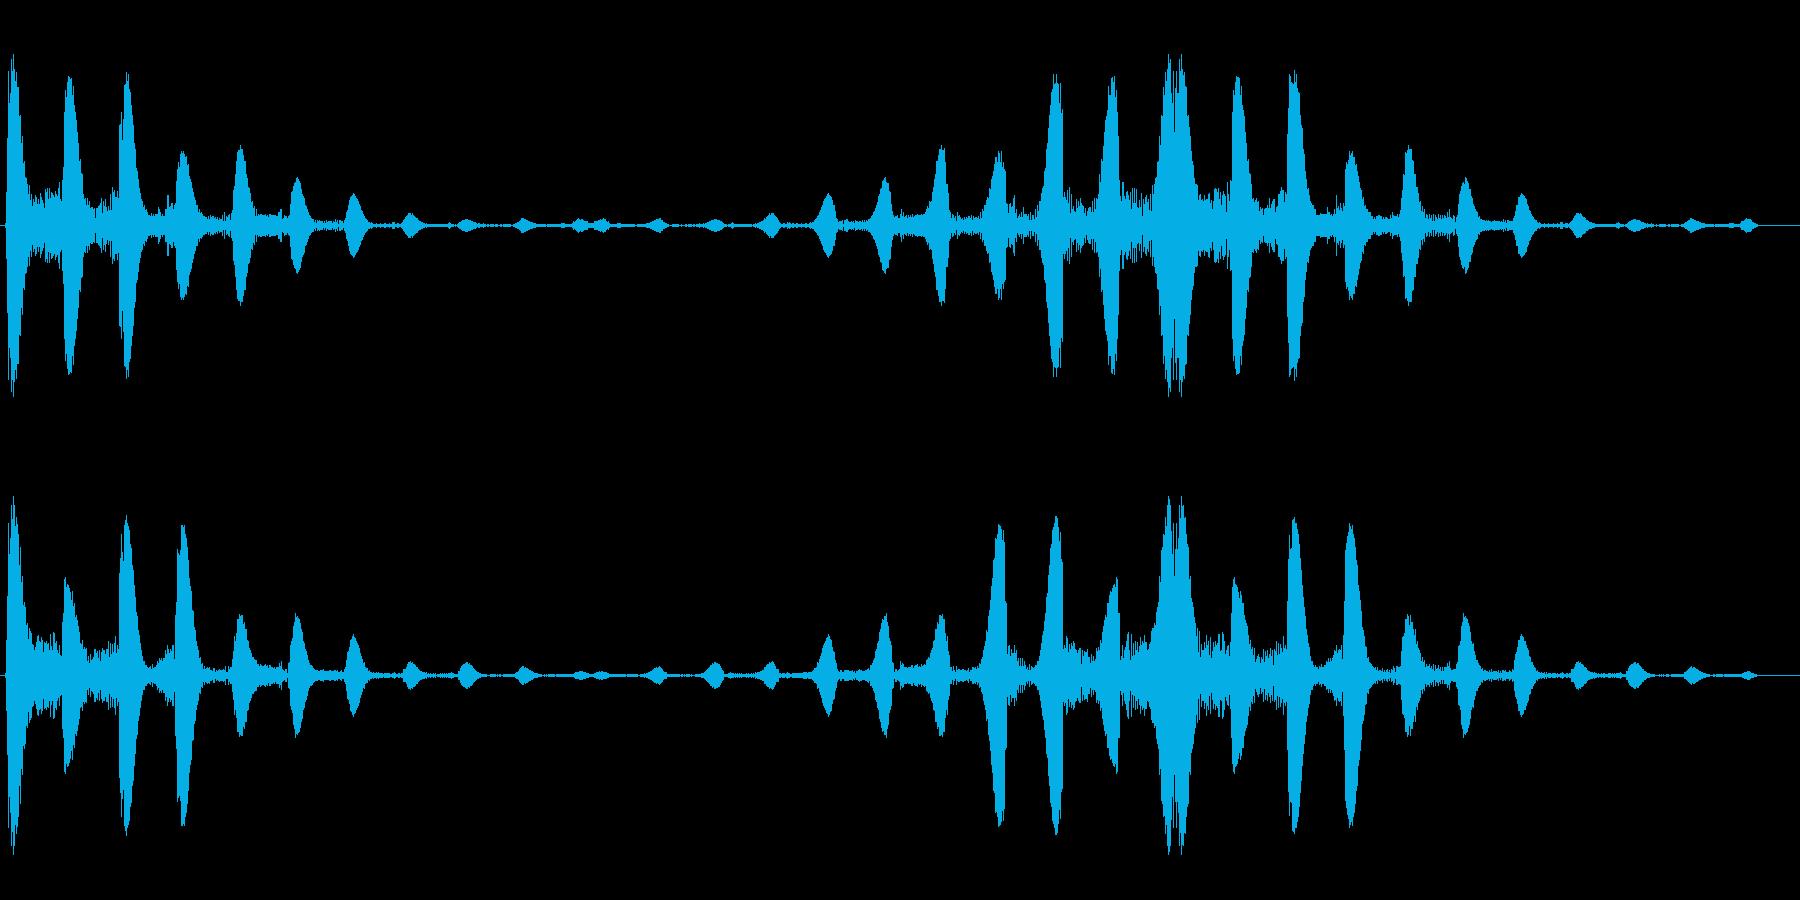 ポコポコ(水中の気泡を連想させる効果音)の再生済みの波形